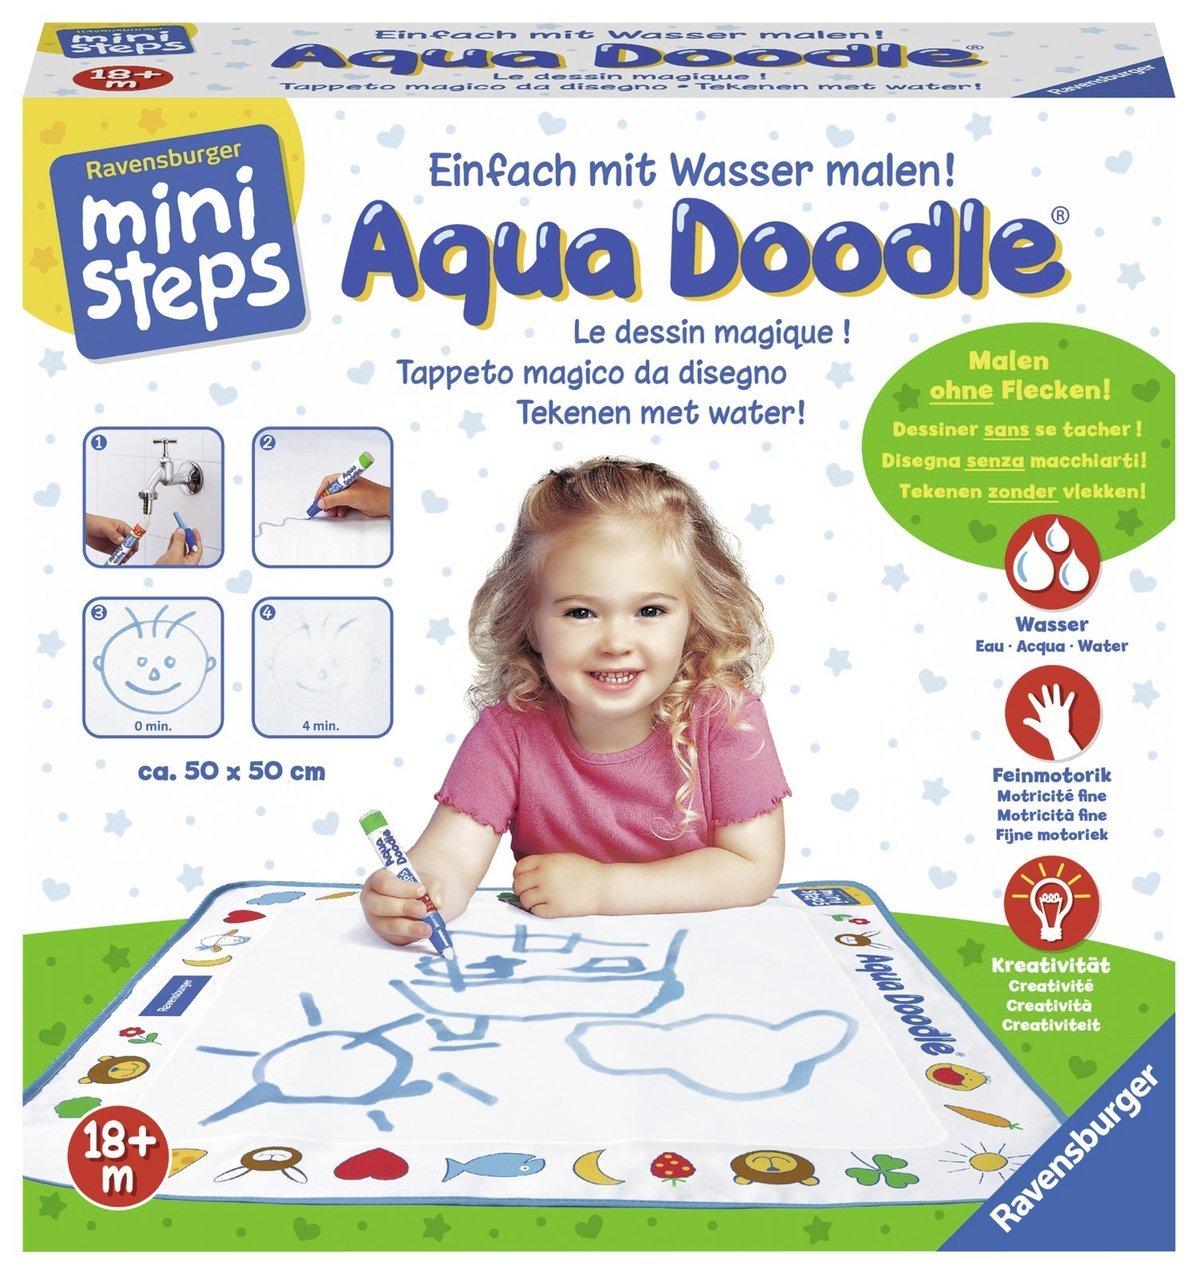 [Amazon] Ravensburger ministeps Aqua Doodle durch 4€ Coupon für 10€